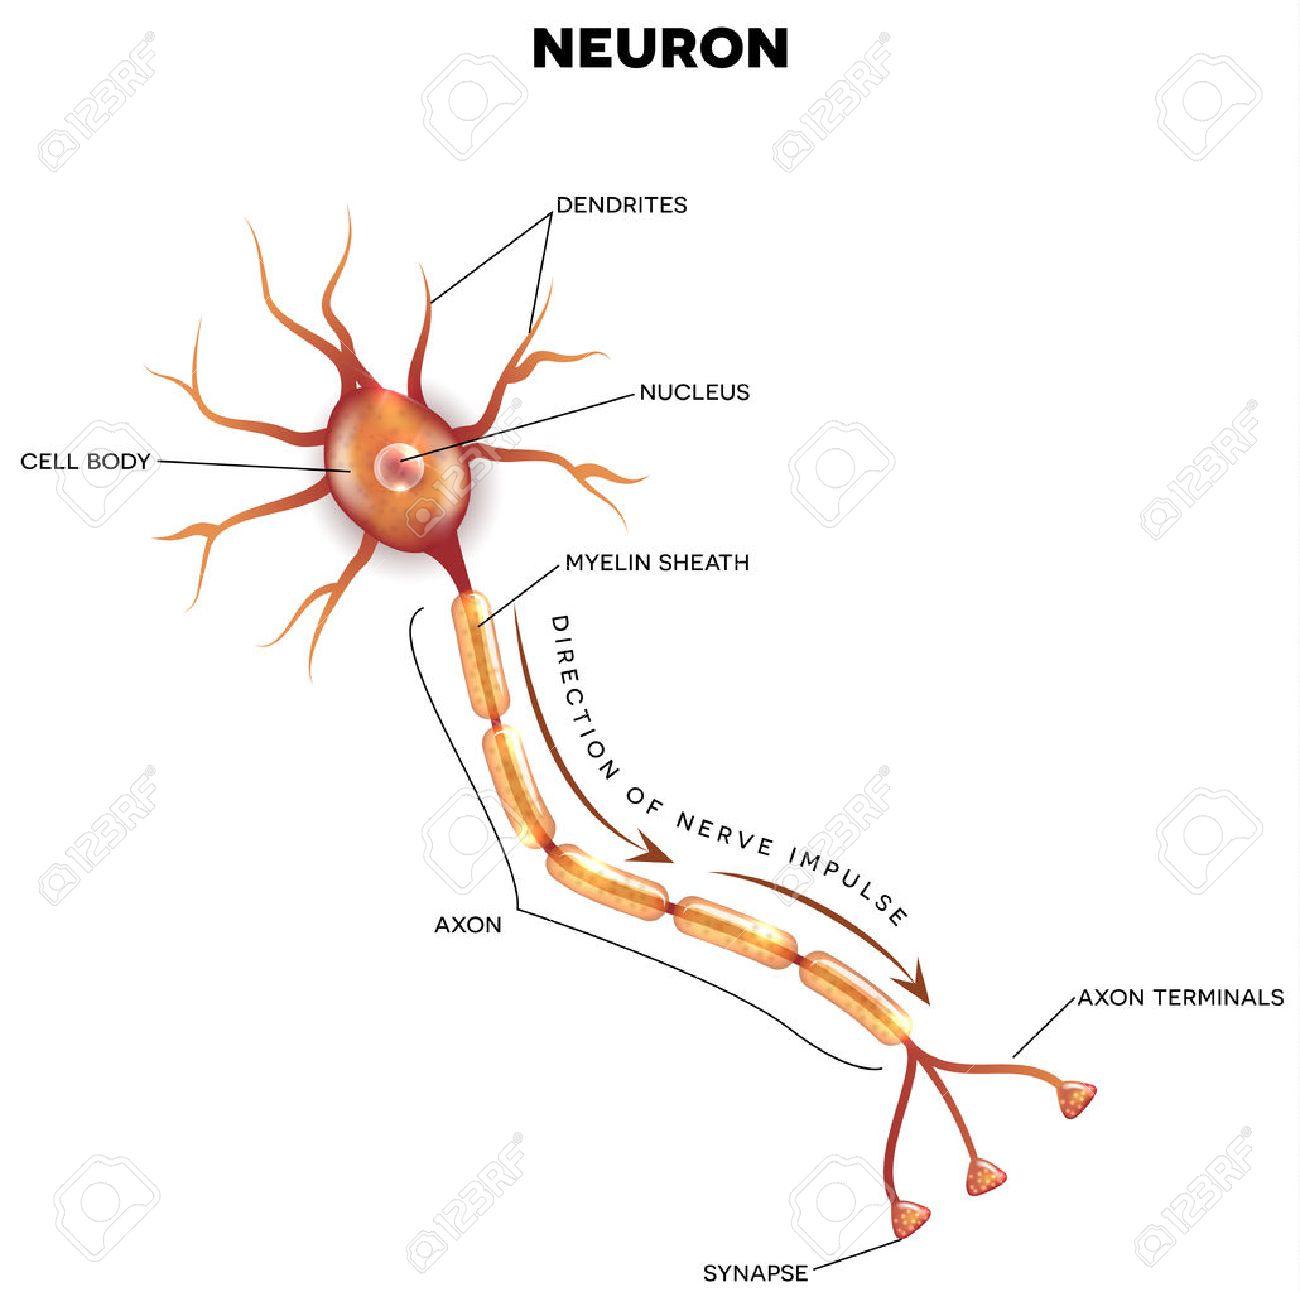 Diagramme étiqueté du neurone, cellule nerveuse qui est la partie principale du système nerveux. Banque d'images - 48129376